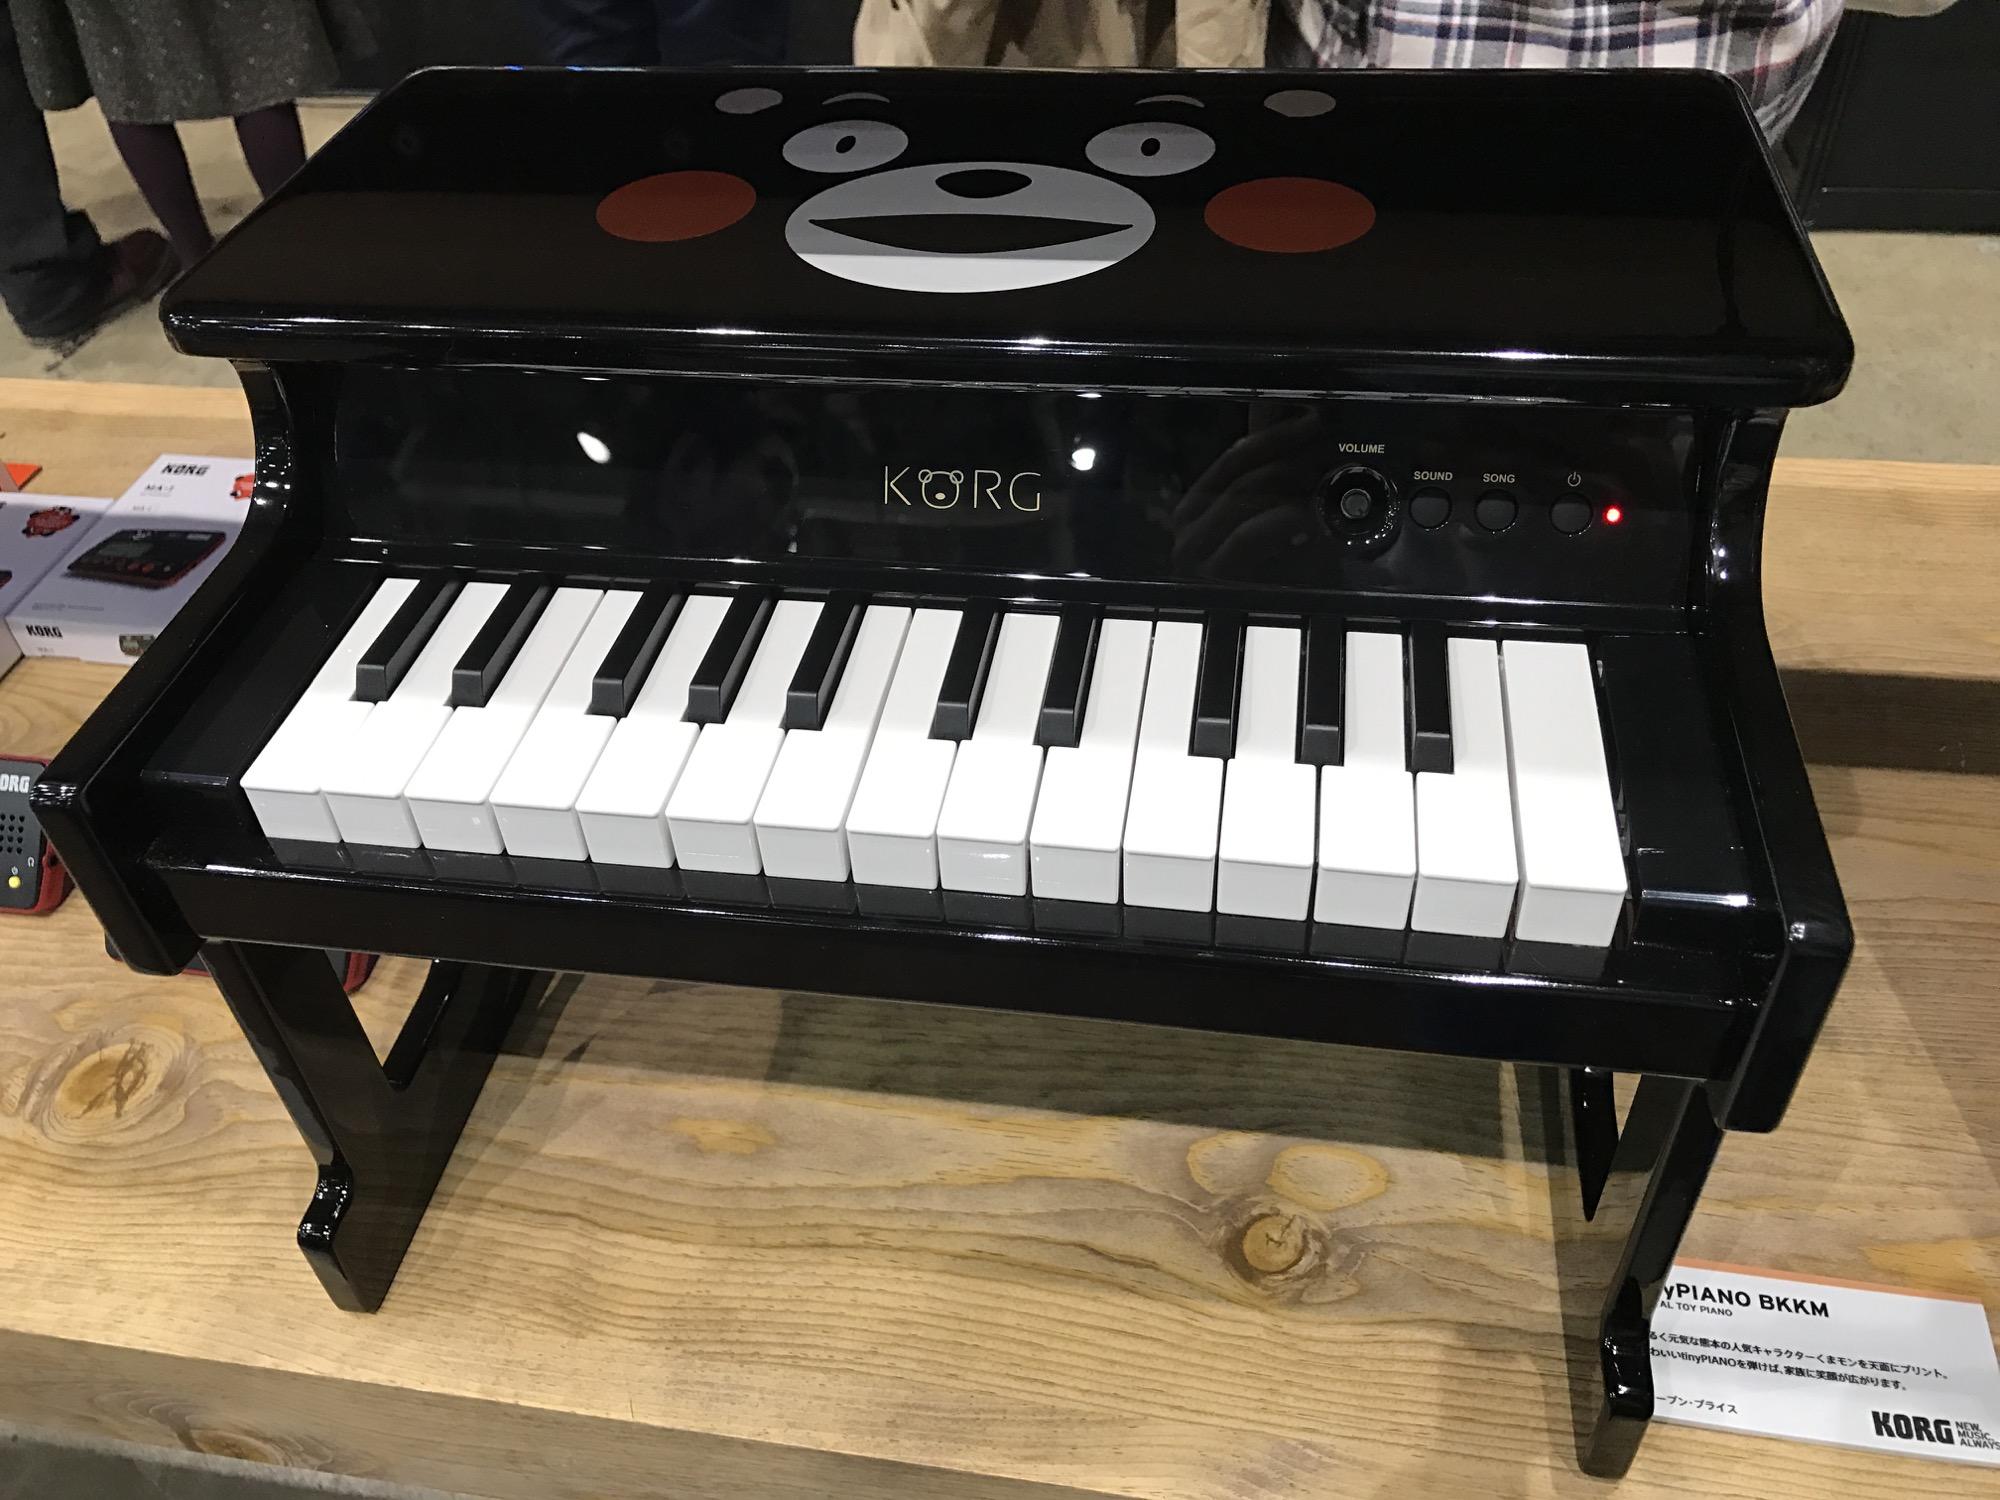 熊本熊 tinyPIANO 微型钢琴是有着熊本熊特殊涂装的tinyPIANO,其销售收入的一部分将捐给熊本地震灾区重建。  tinyPIANO是个针对婴儿的微型钢琴,是个老产品了。但在今年熊本地址之后,Korg推出了熊本涂装的特殊版本tinyPIANO-BKKM(Blank Kumamon),让本来就已经很萌的tinyPIANO更是萌上加萌,萌的让人不要不要的。小盆雨看到这张可爱的脸就会爱上音乐了吧(我给这个变成小青蛙的KORG logo打满分):  购买熊本熊版本的tinyPIANO,Korg会将部分收